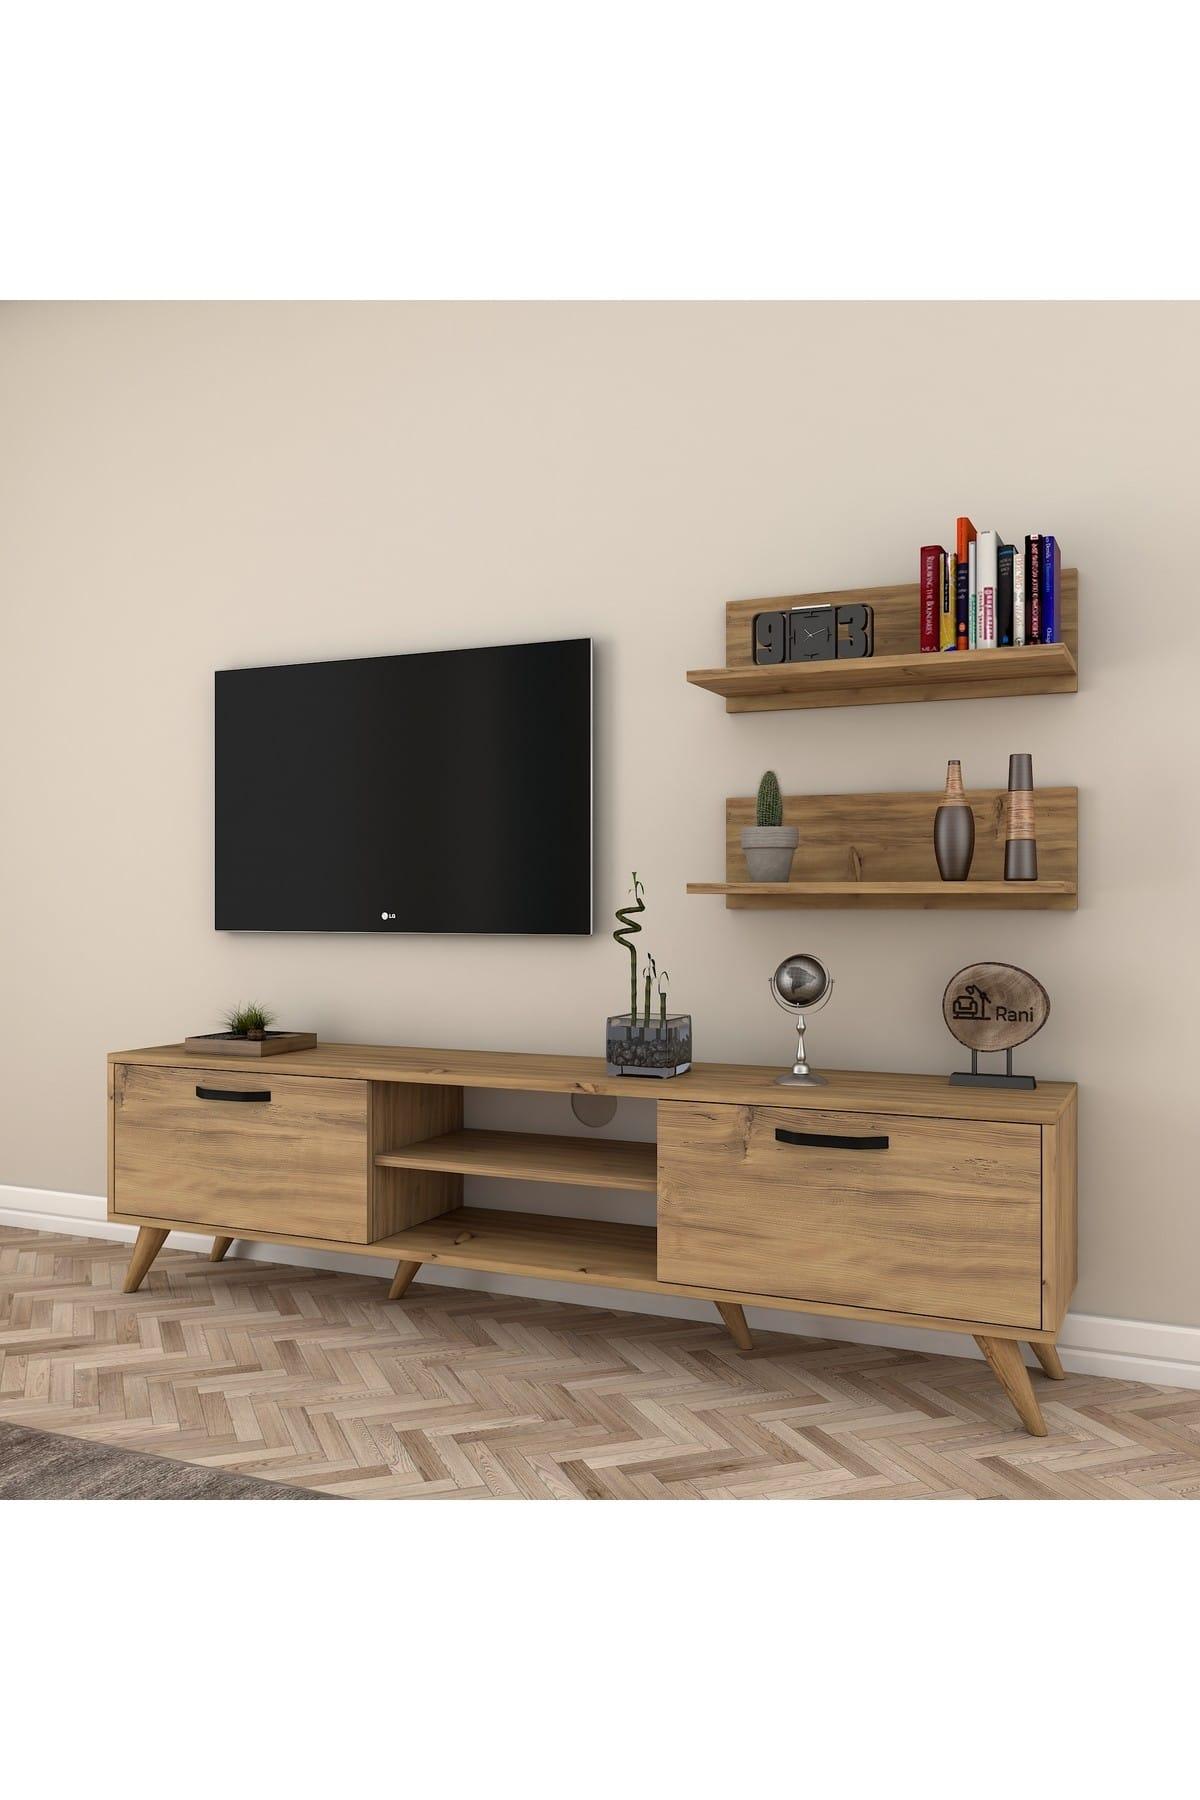 Rani Mobilya Rani A5 Duvar Raflı Kitaplıklı Tv Ünitesi Modern Ayaklı Tv Sehpası Ceviz M48 1